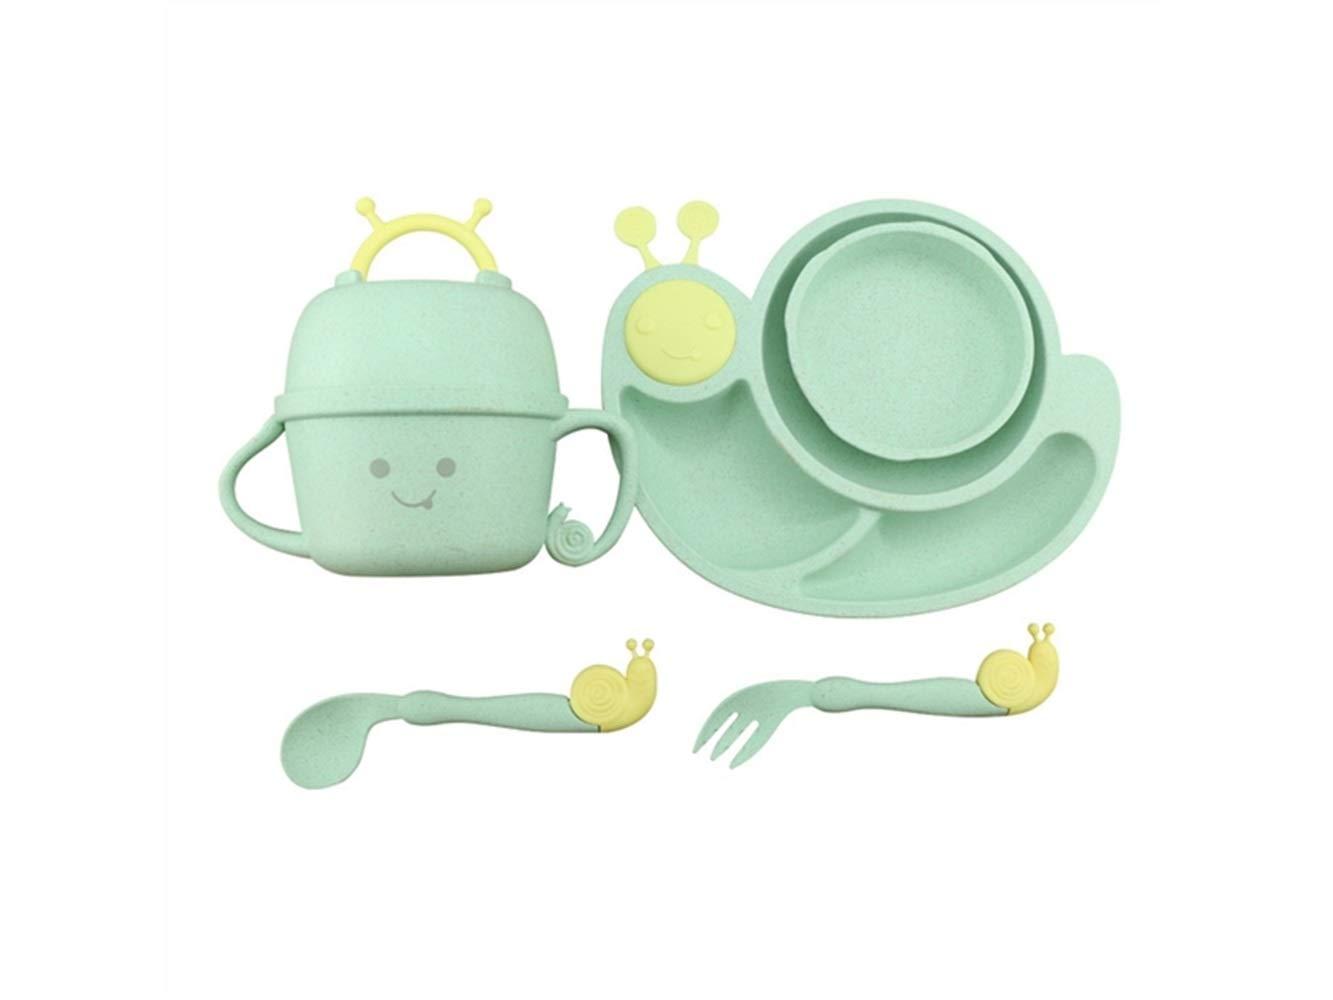 Rutschfest Weizen Faser Schnecken Form Gericht Kinder Schüssel Kinder Separate Schüssel Set für Suppe oder Reis (grün) für Kinder